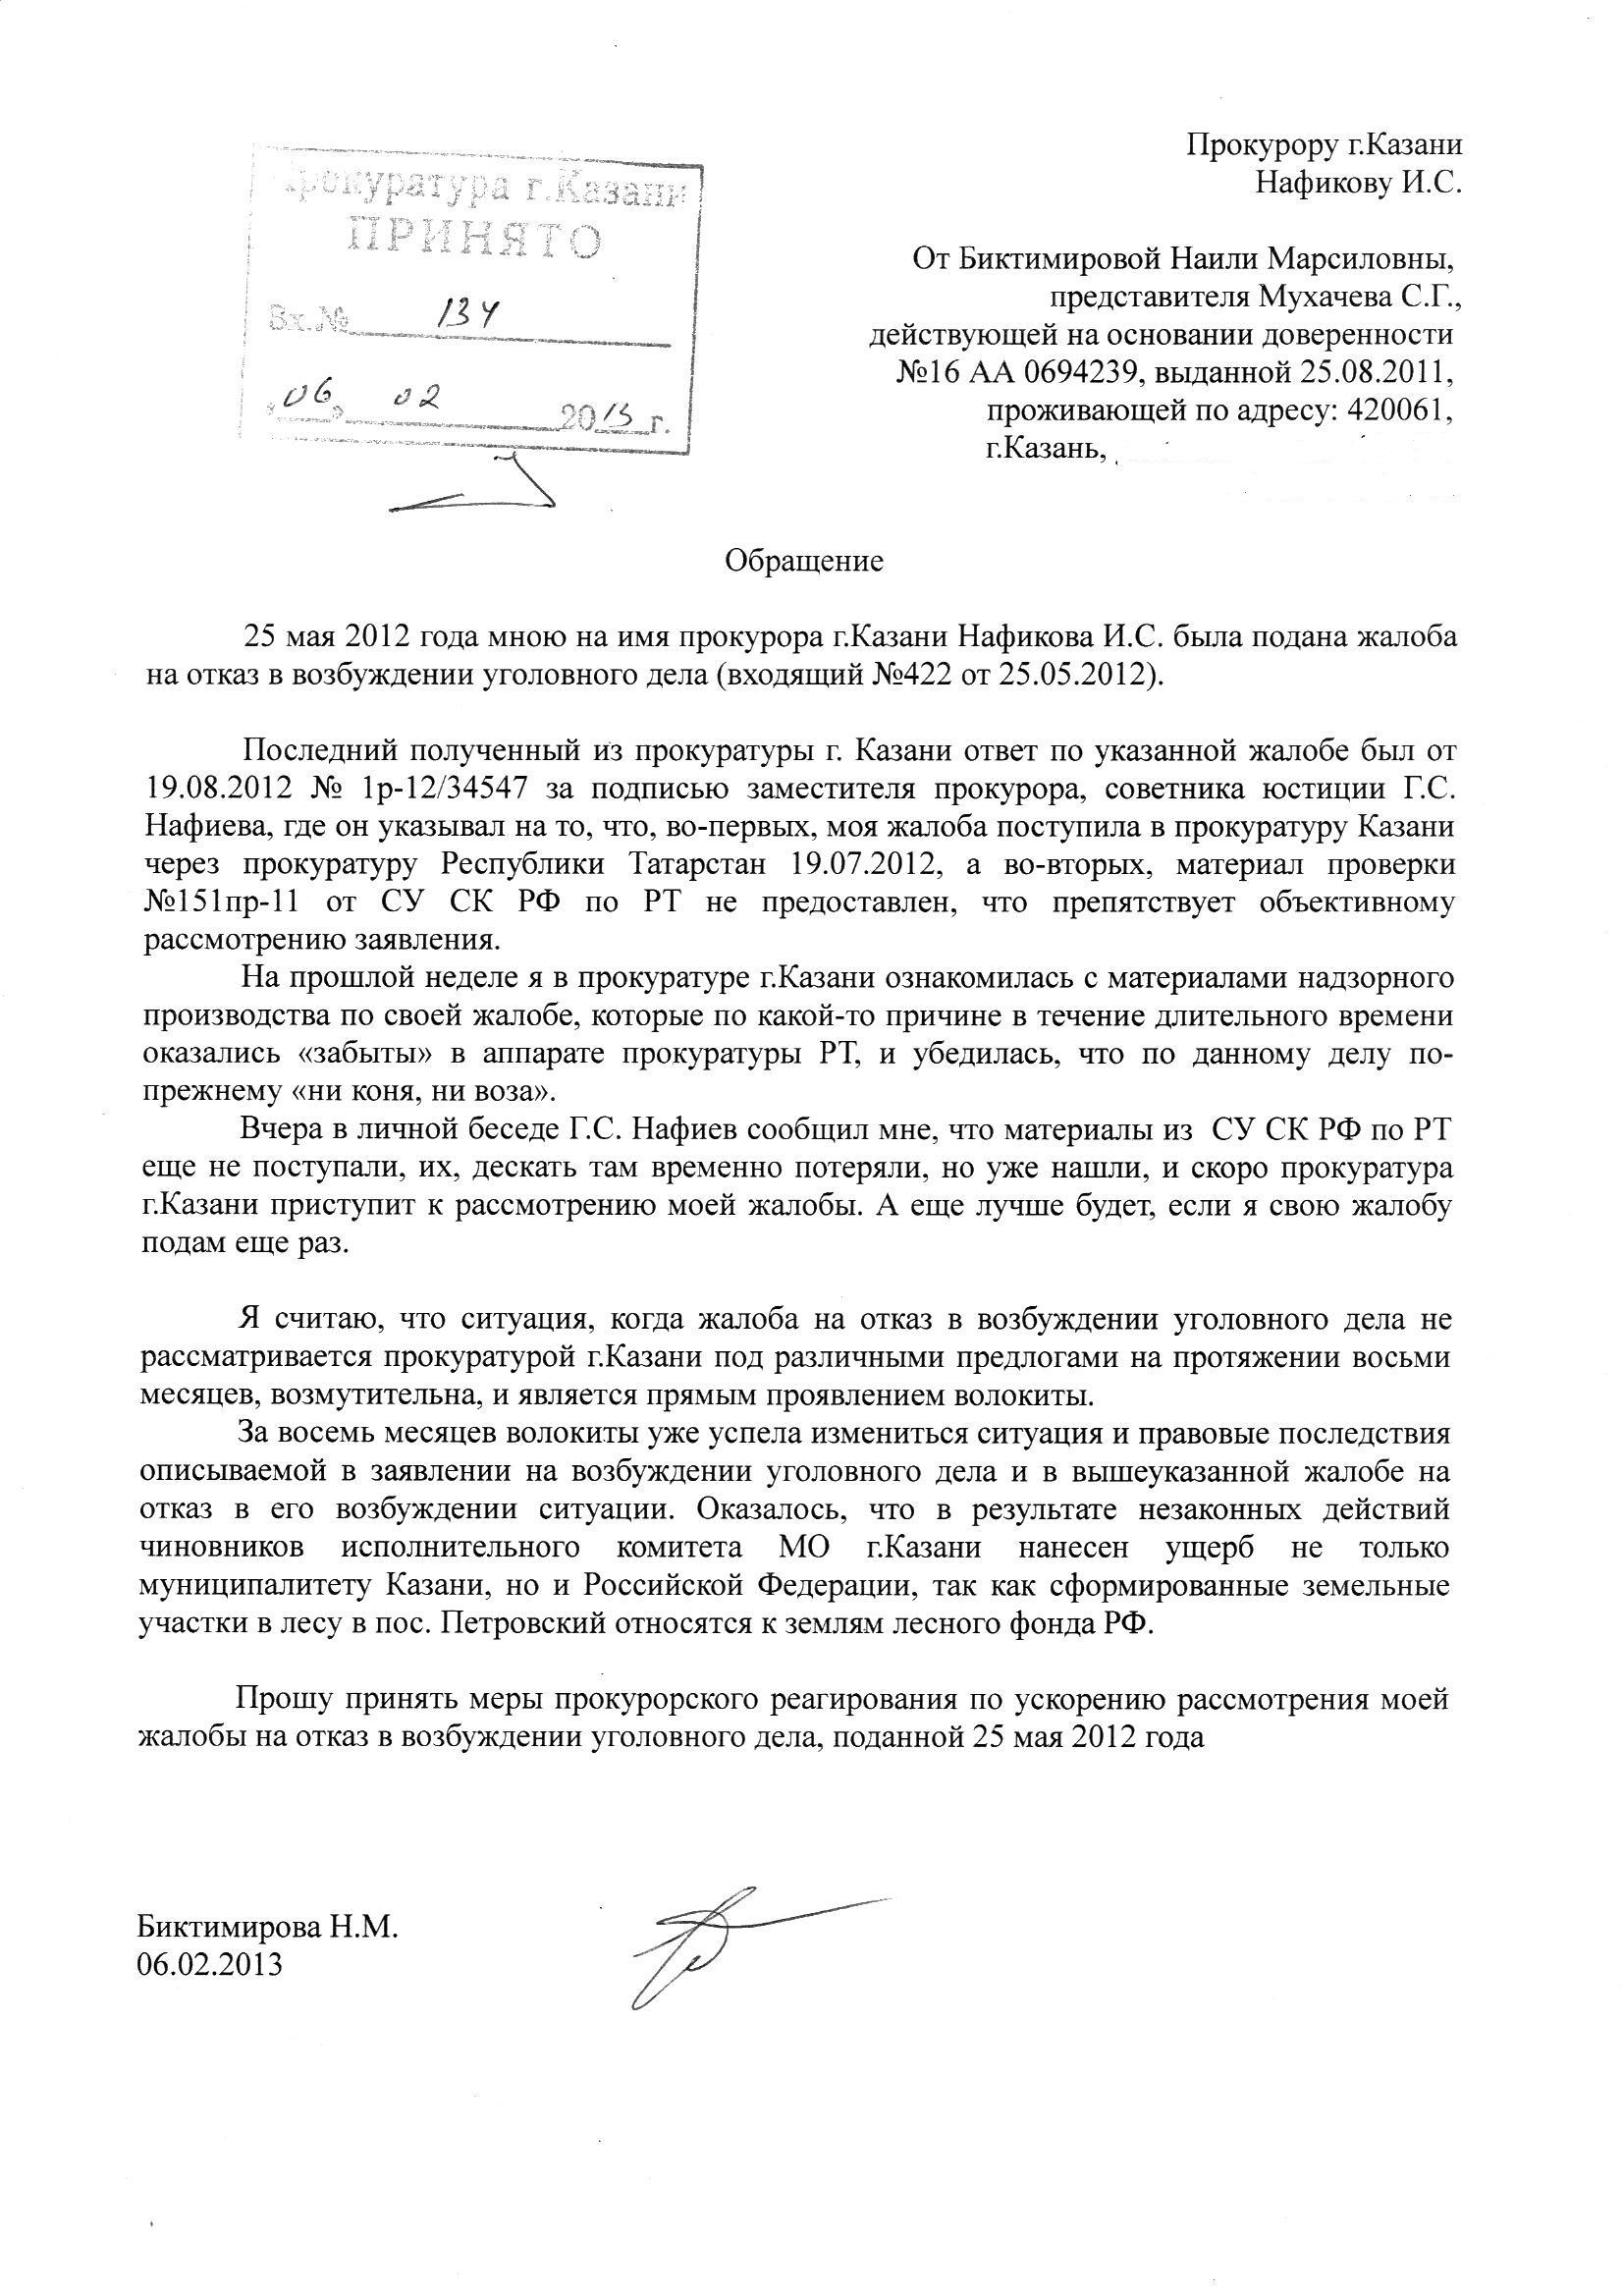 Образец заявления в суд на ск об отказе возбуждении уголовного дела